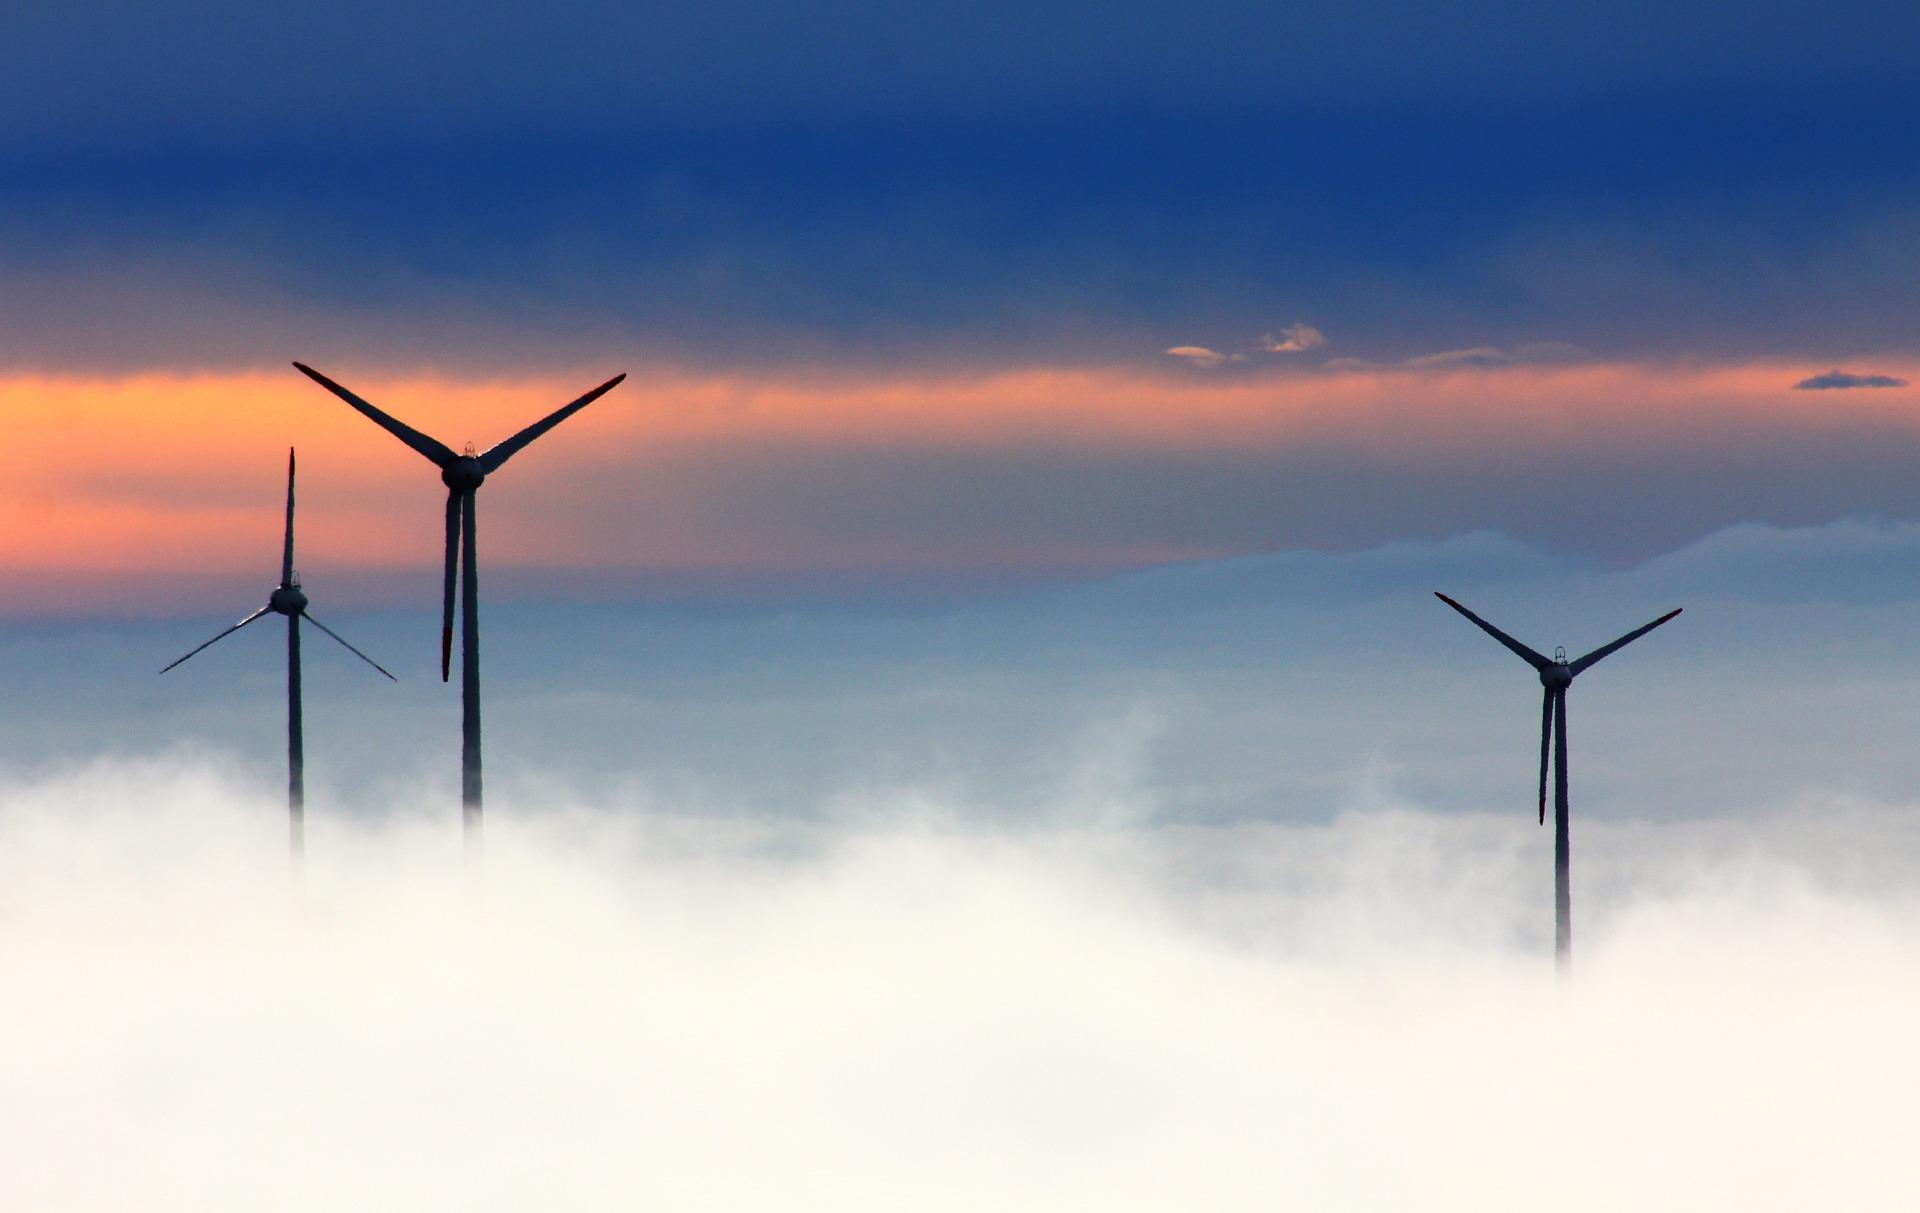 La neutralité carbone chez GE Renewables : quelle démarche, quelles ambitions ? Entretien avec Jean-Luc ROY, Carbon Neutral Leader chez GE Renewables